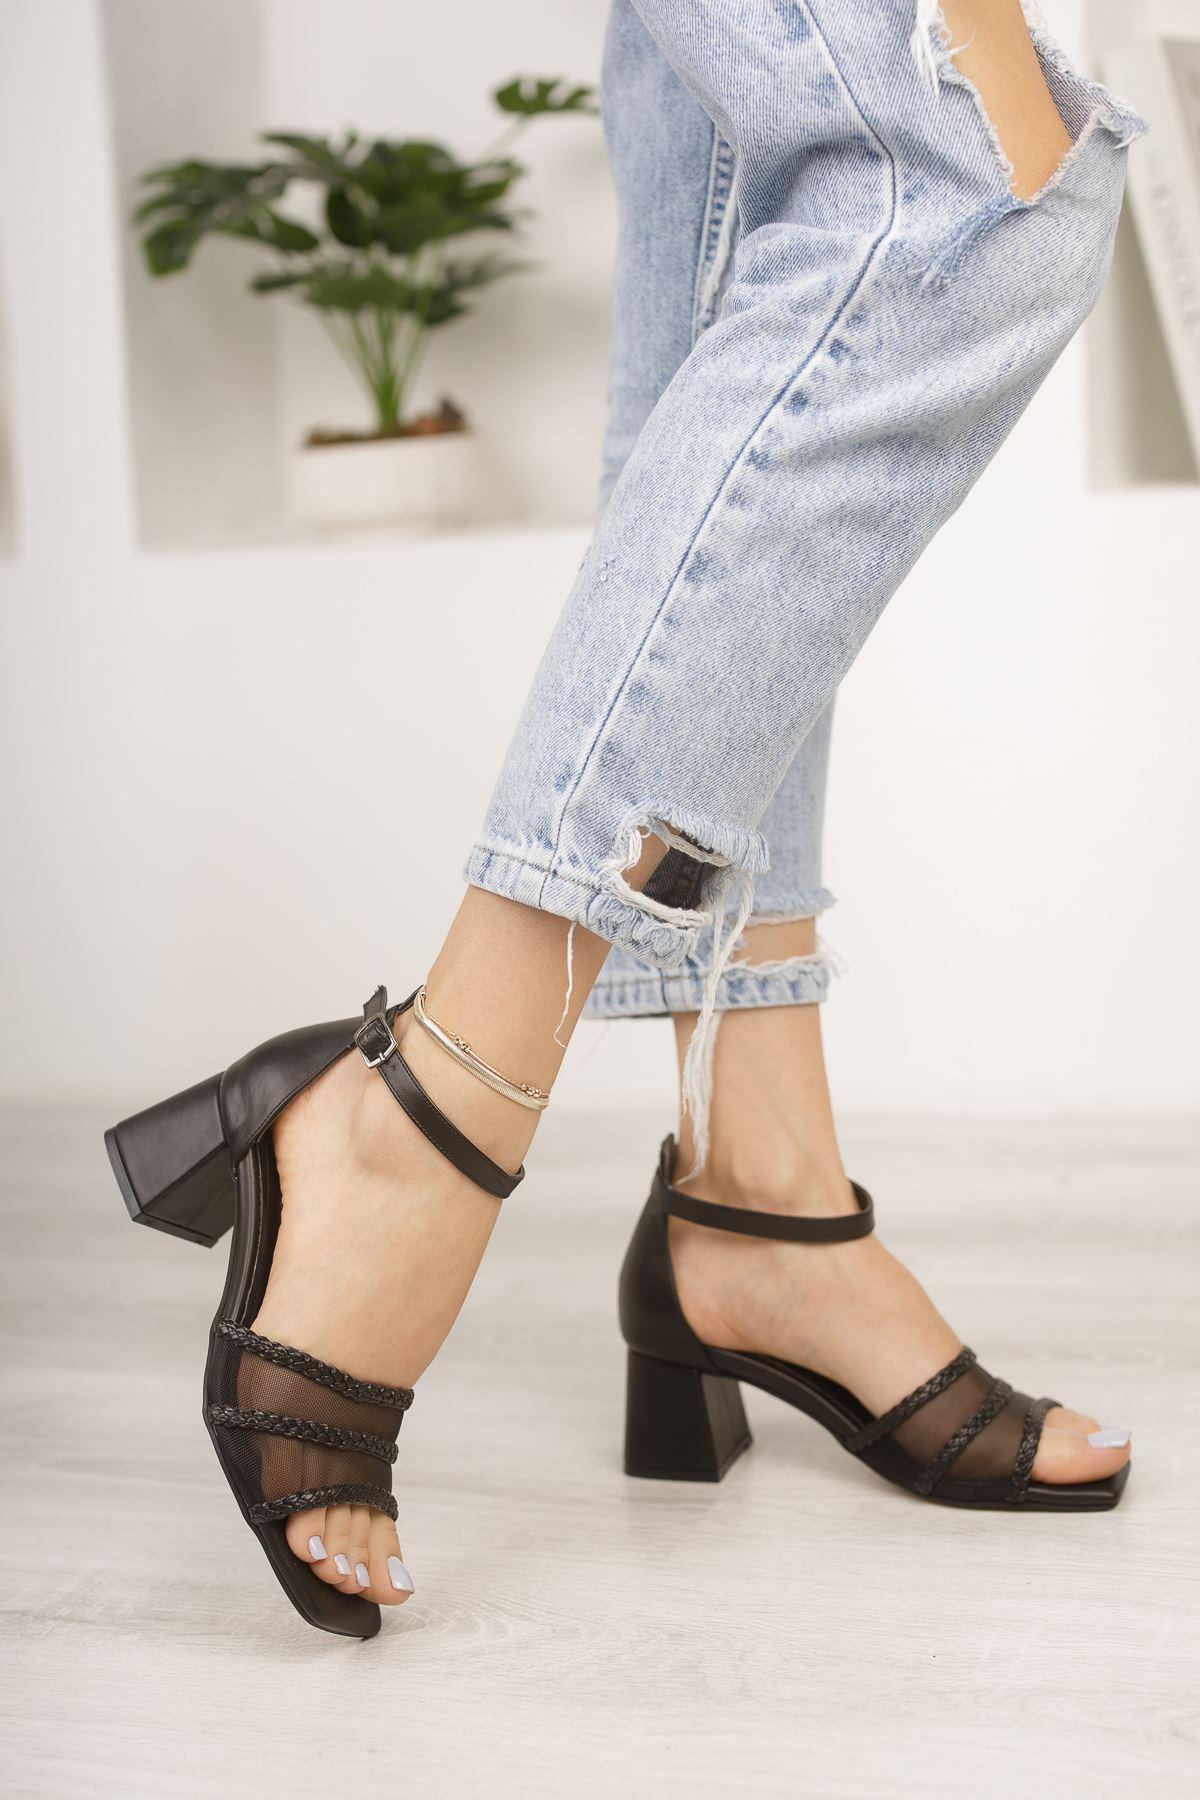 Siyah File ve Örgü Detaylı Klasik Topuklu Ayakkabı